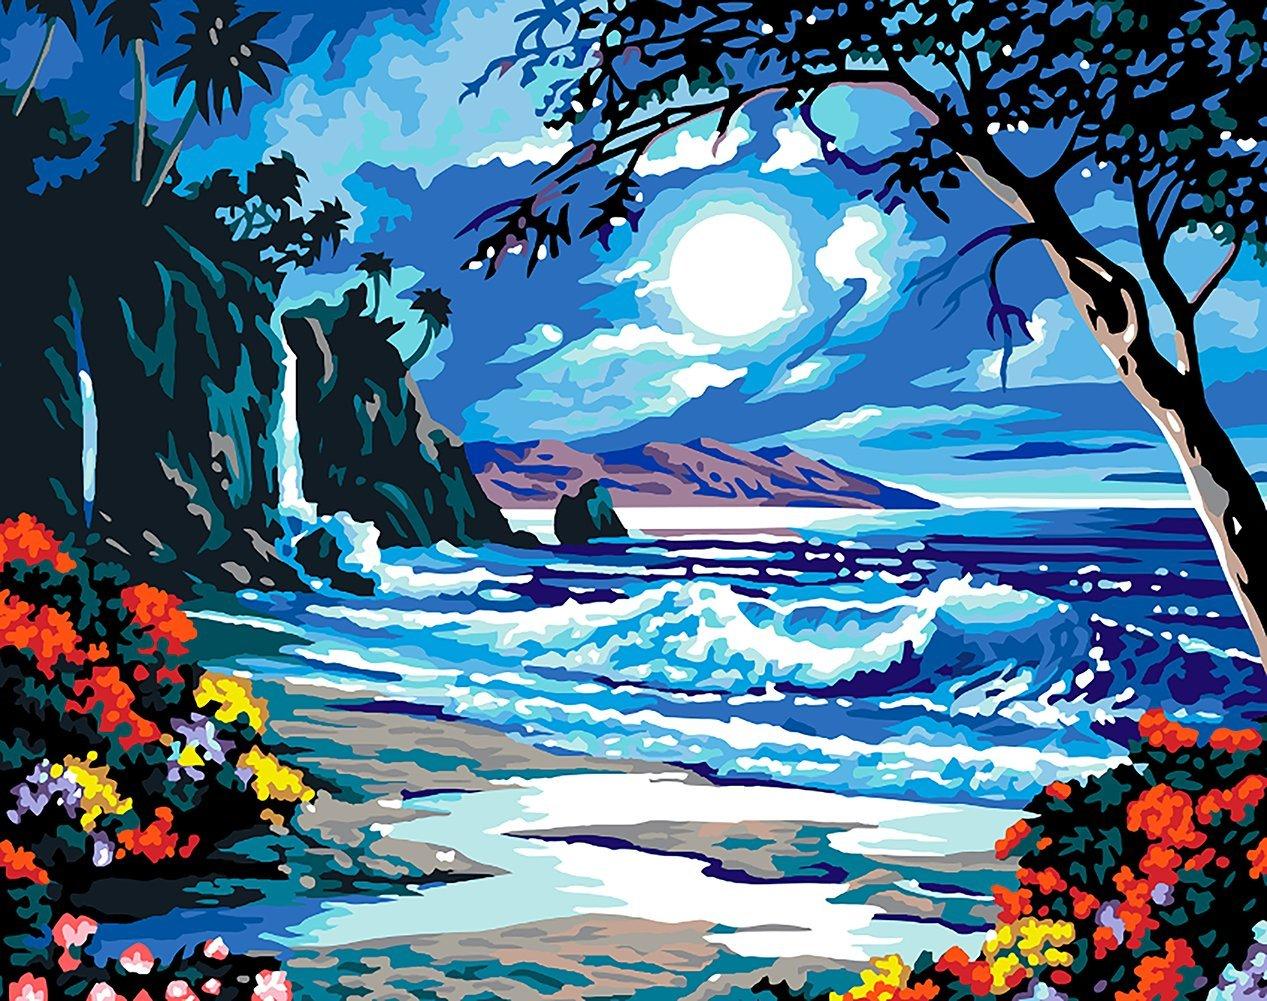 Fuumuui Fai-da-Te Fai-da-Te Pittura a Olio su Tela Regalo per Adulti Bambini dipingere da Numero Kit Decorazioni per la casa-Seaside Moonlight 16 20 Pollici